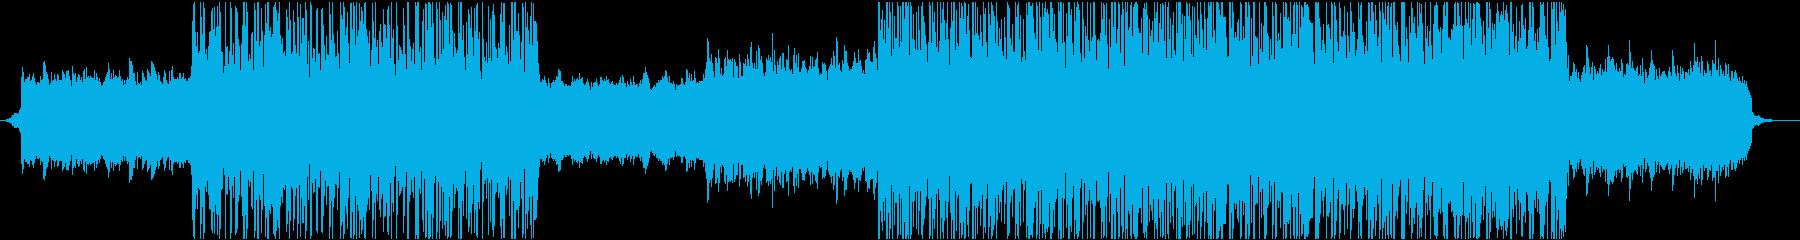 電気音響シンフォニー ダブステップ...の再生済みの波形